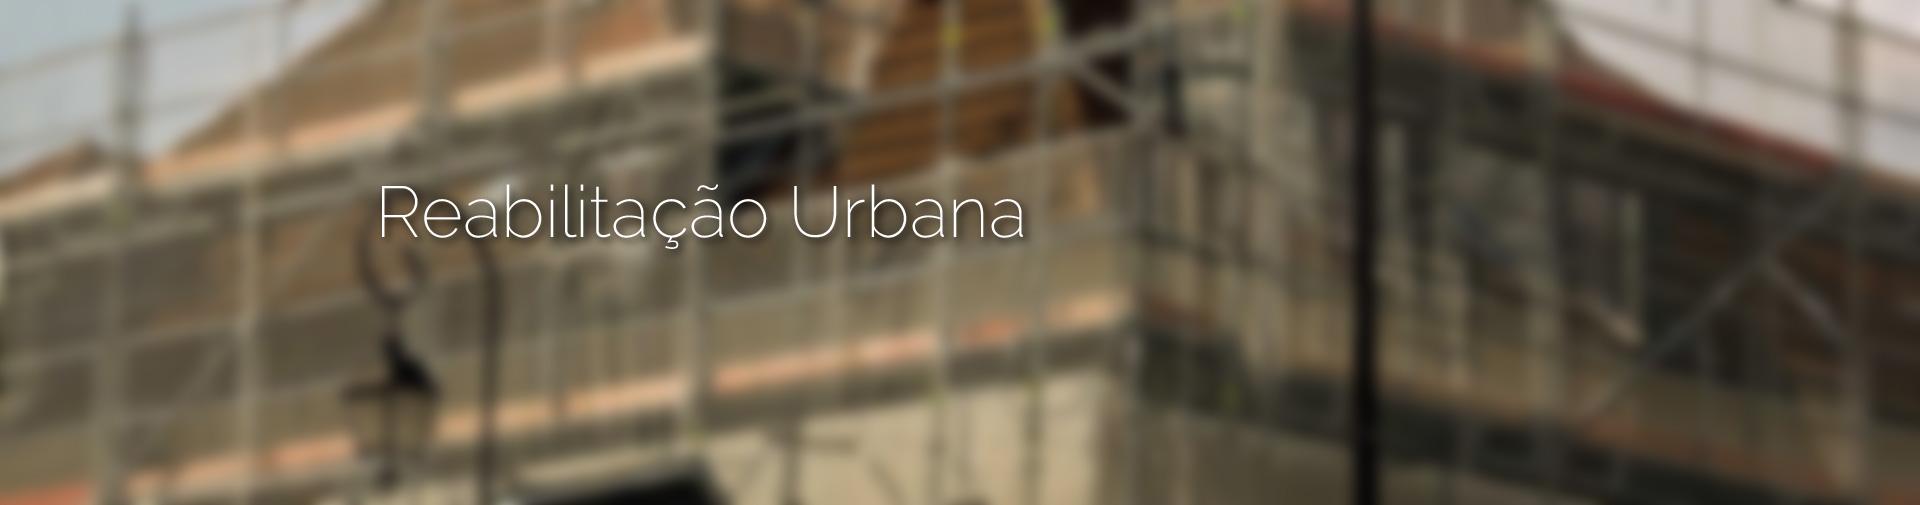 Reabilitação Urbana.